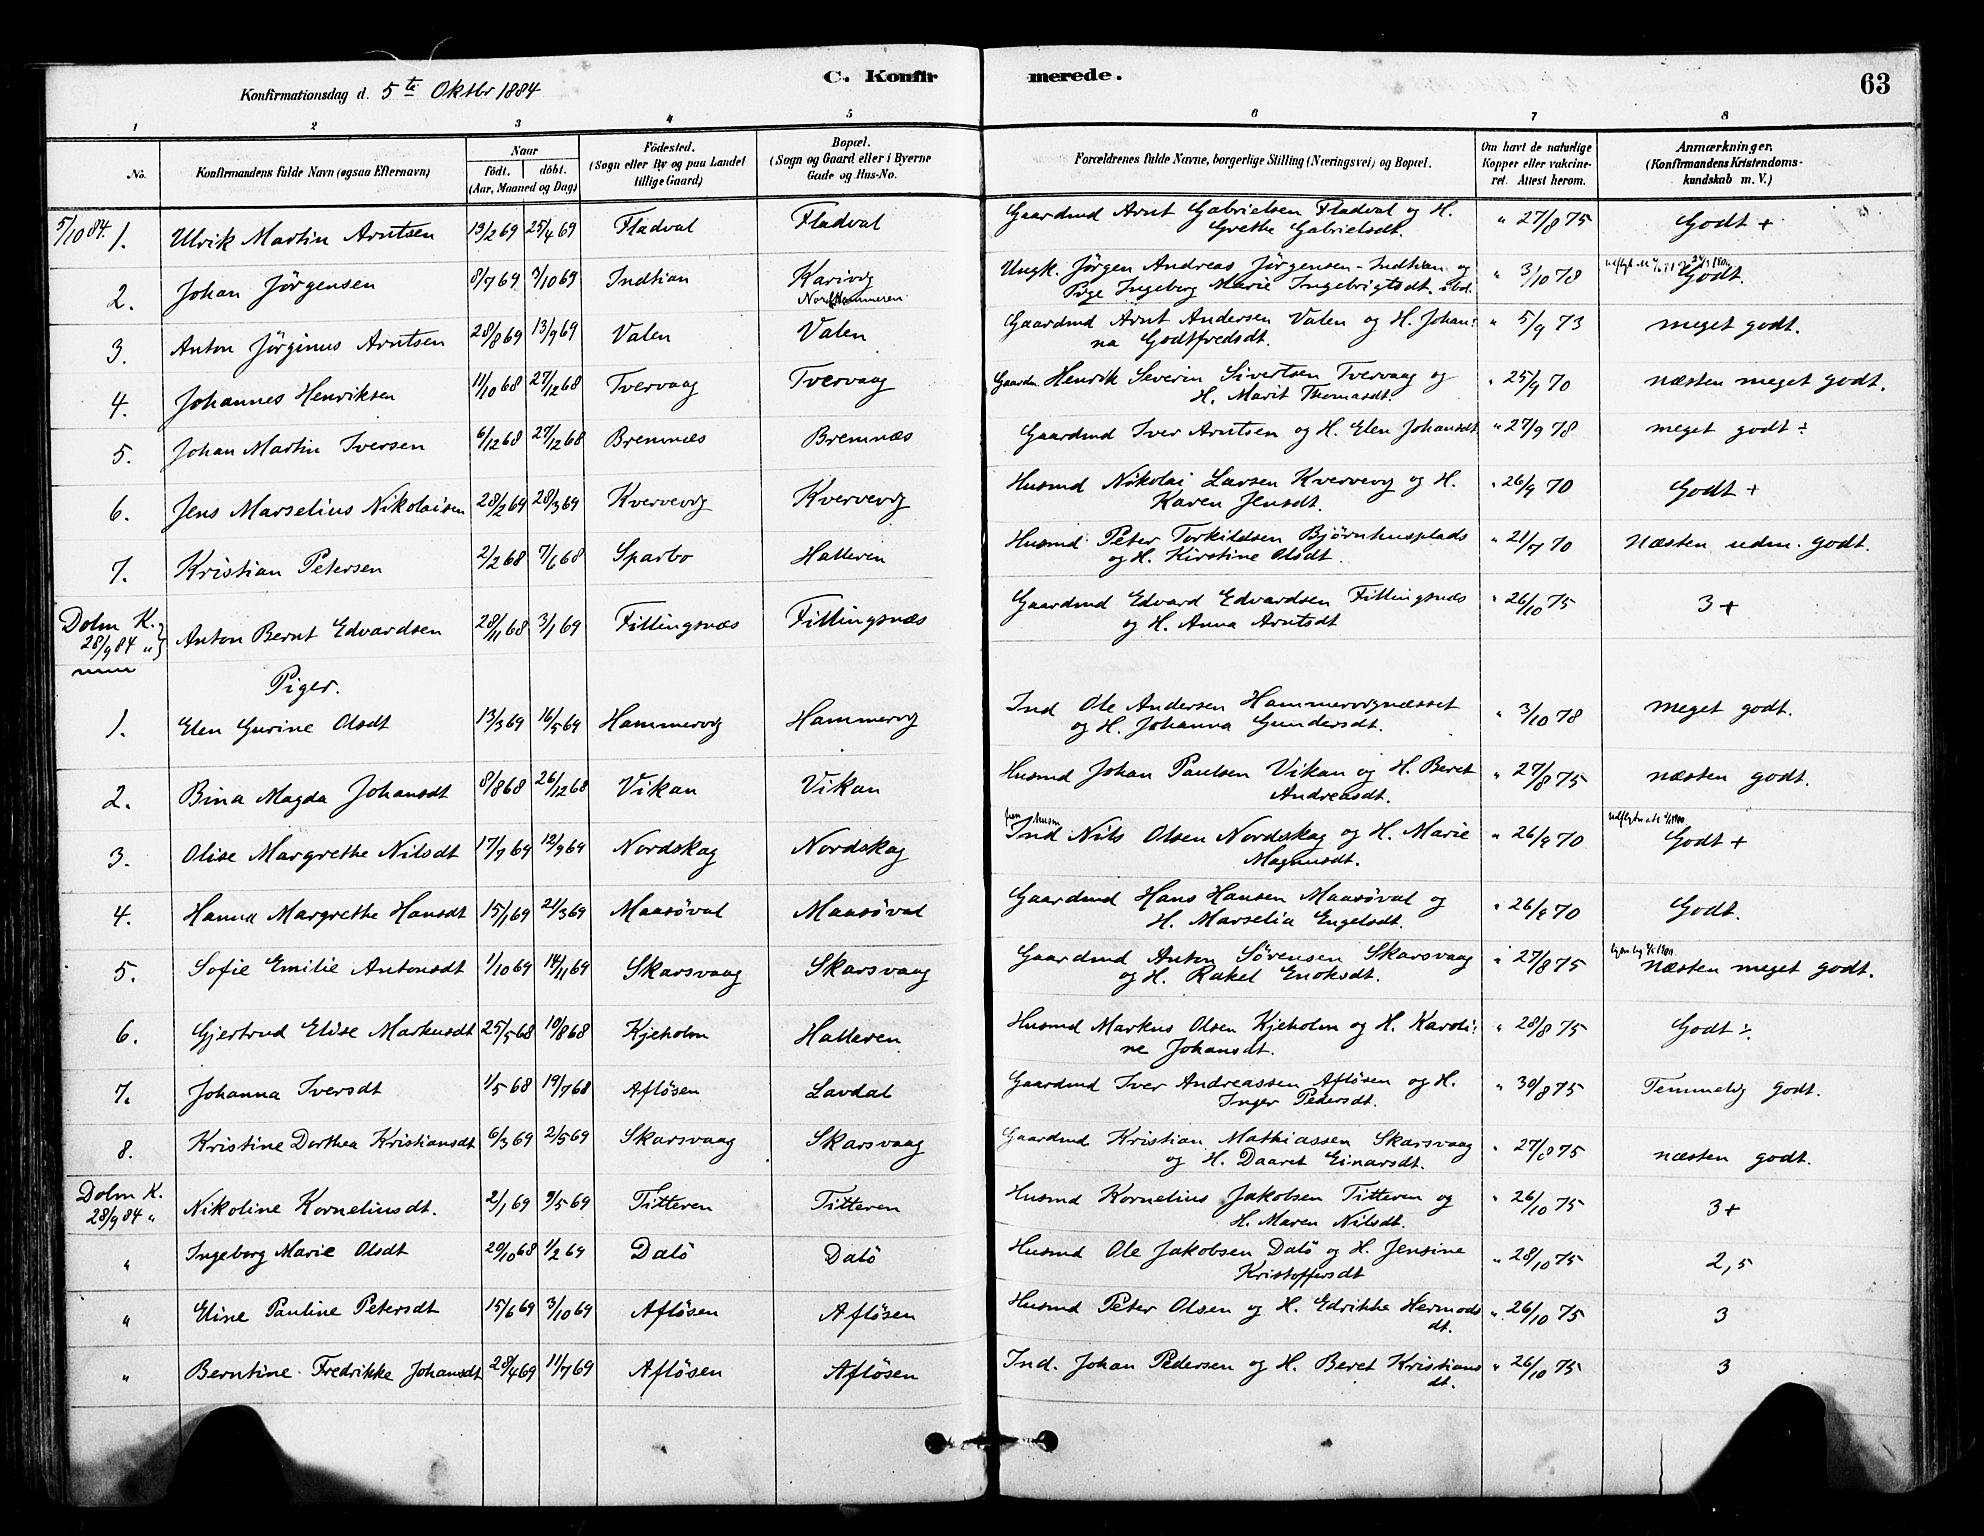 SAT, Ministerialprotokoller, klokkerbøker og fødselsregistre - Sør-Trøndelag, 641/L0595: Ministerialbok nr. 641A01, 1882-1897, s. 63